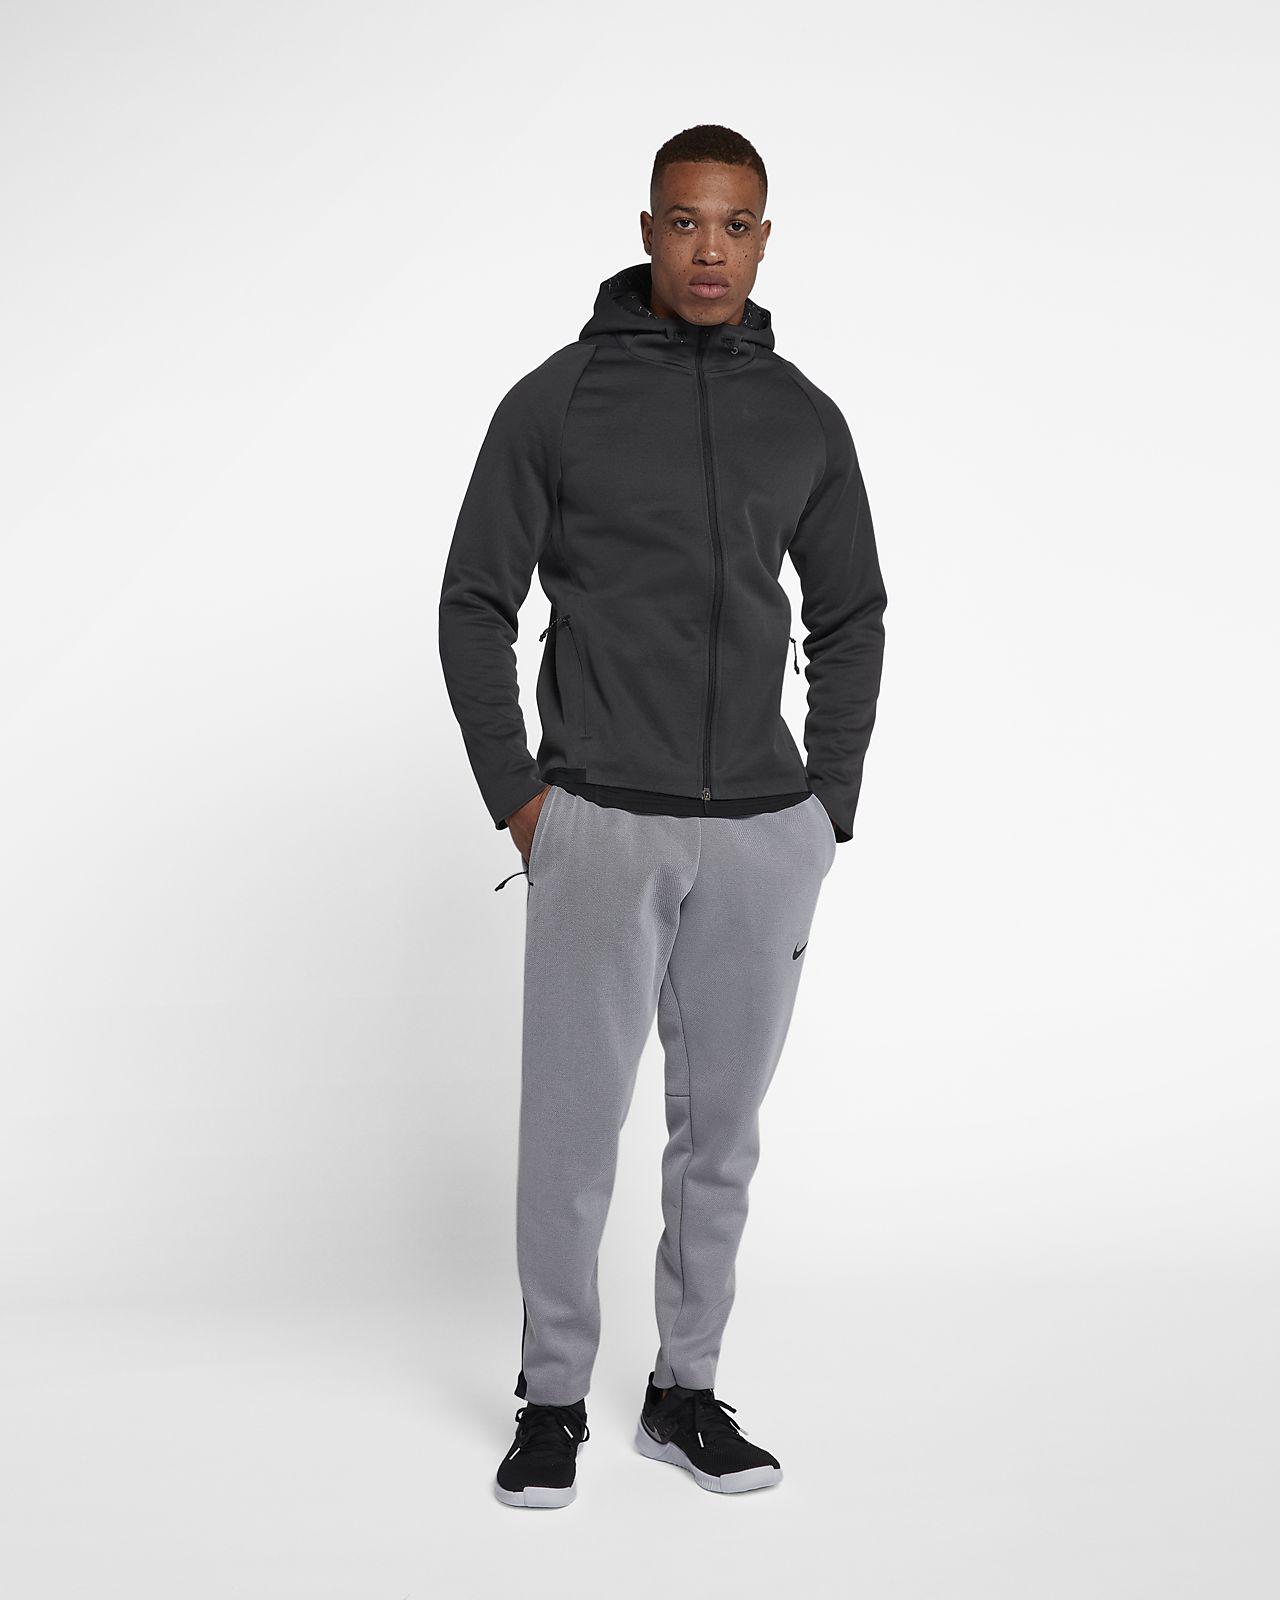 Nike Mens Therma Sphere Max Training Hoodie Jacket, Black